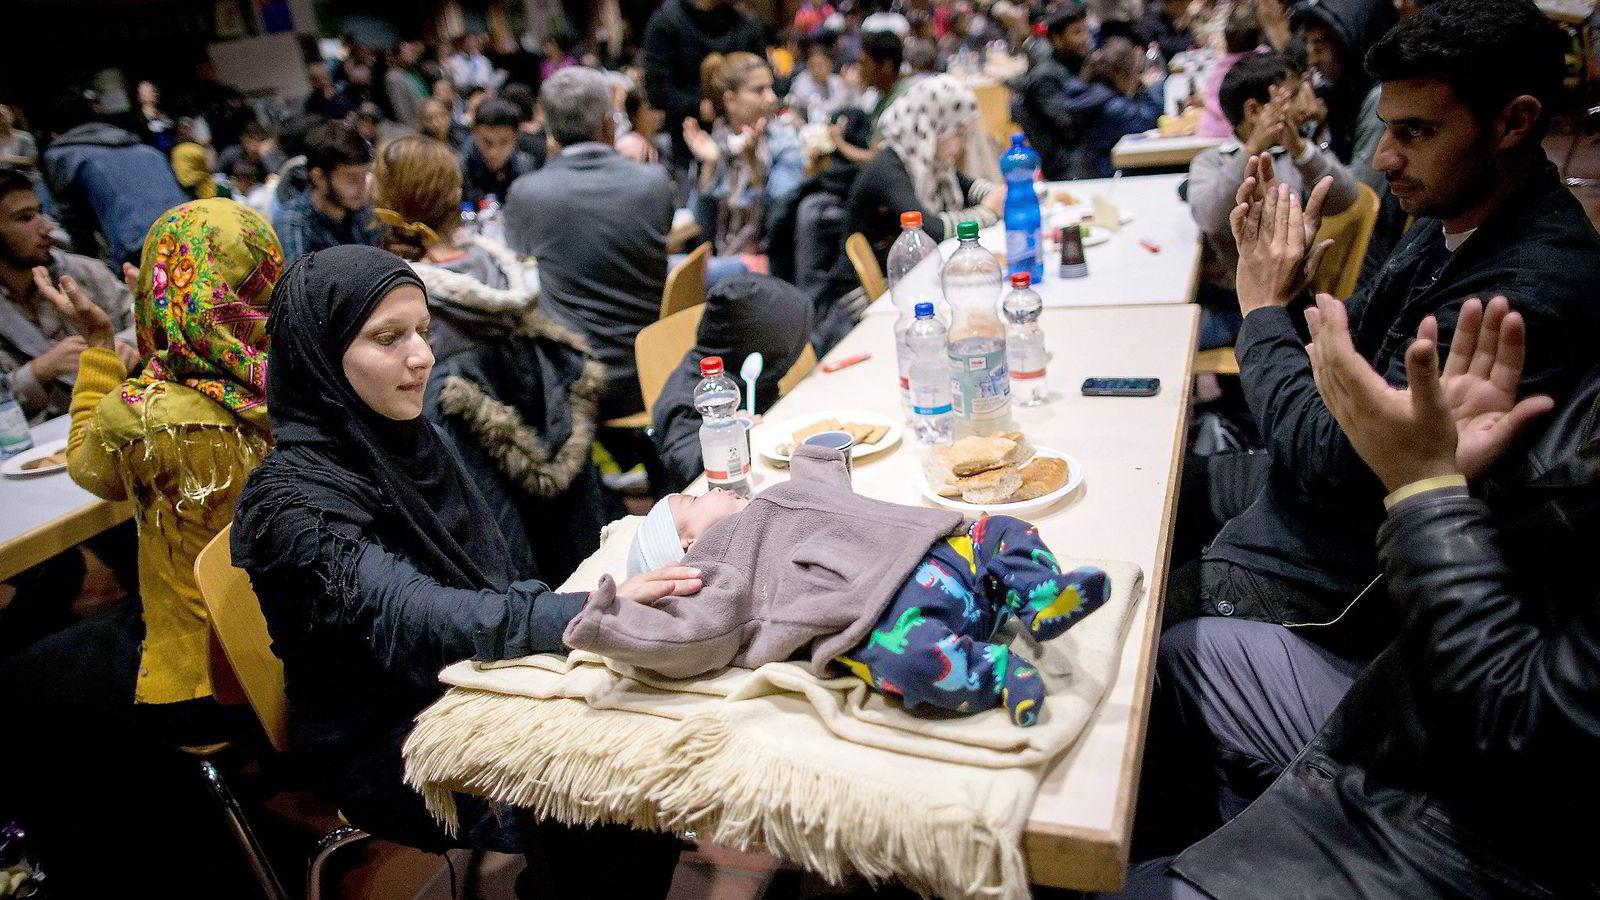 En kvinne med en liten baby er blant flyktninger som blir ønsket velkommen i Dortmund, Tyskland. Foto: Maja Hitij, AFP/NTB Scanpix